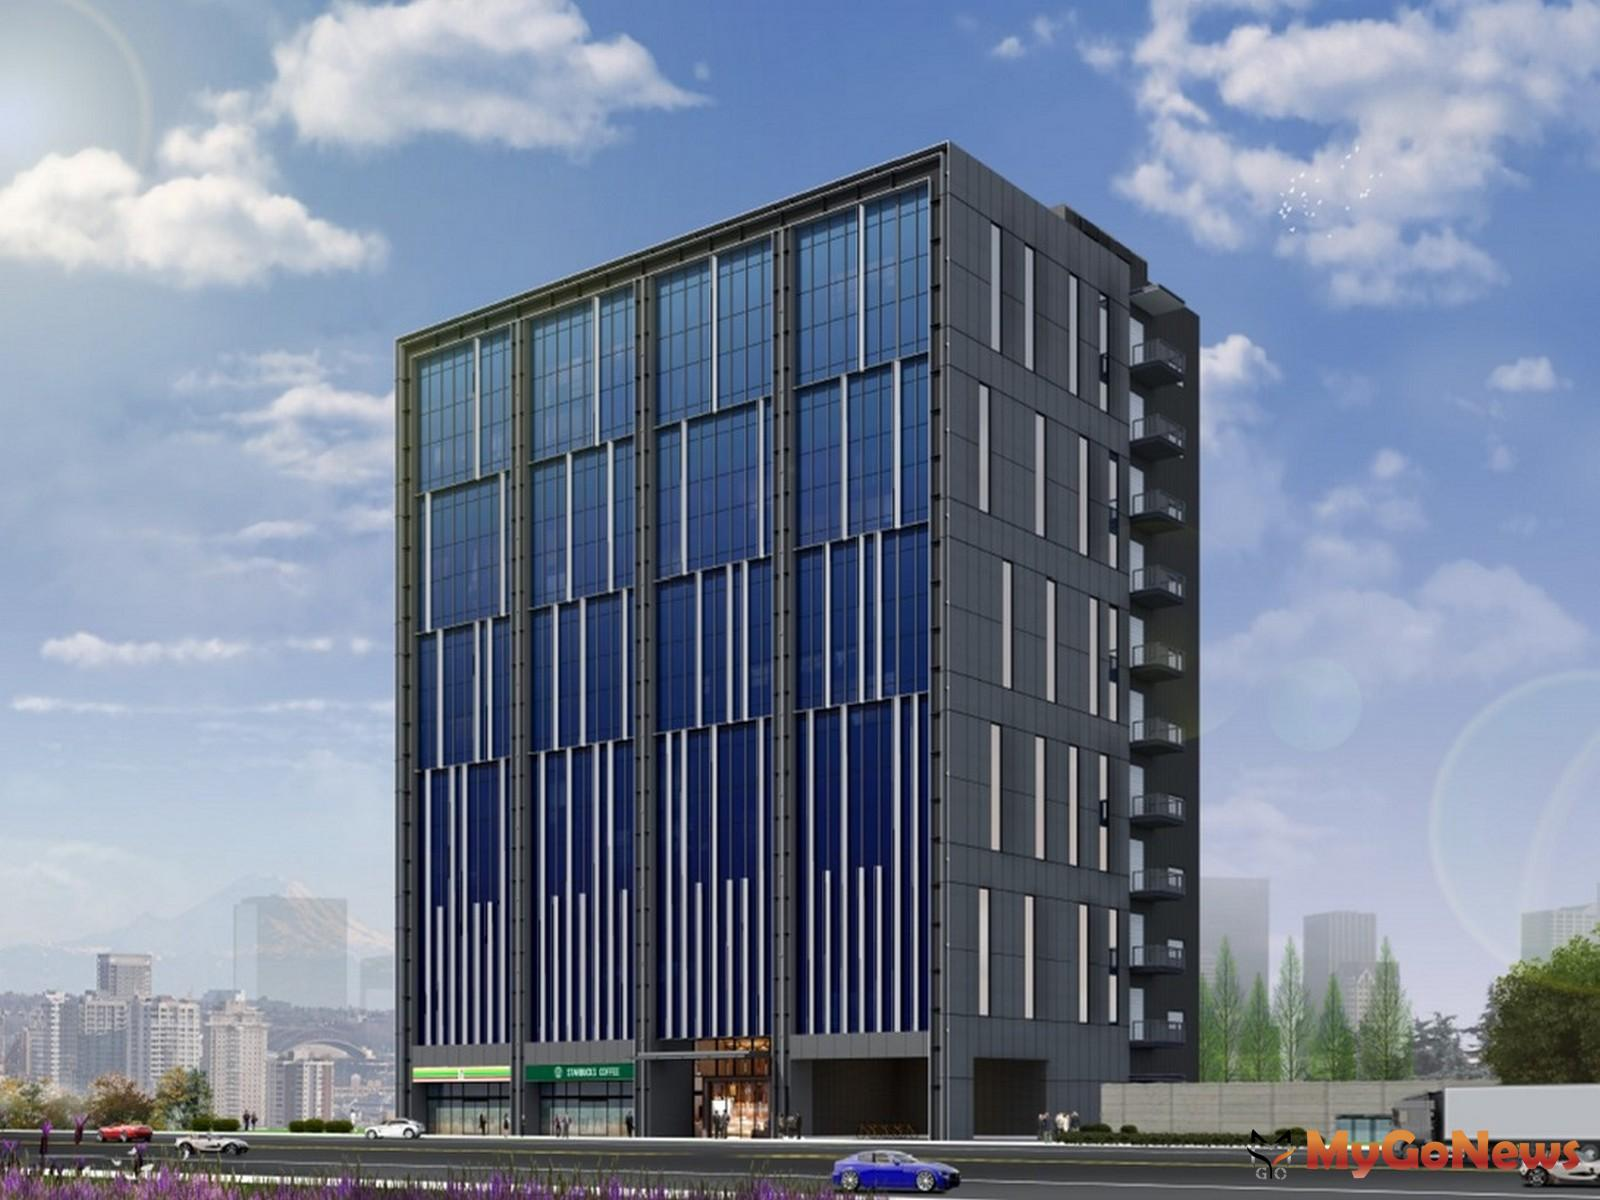 綠意順光天下模擬圖,本案將斥資5.75億元興建地上11層、地下2層的廠辦大樓,總樓板面積約3050坪,將興建約40個廠房單元,預計2023年下半年完工並取得使照(圖/新北市政府) MyGoNews房地產新聞 區域情報